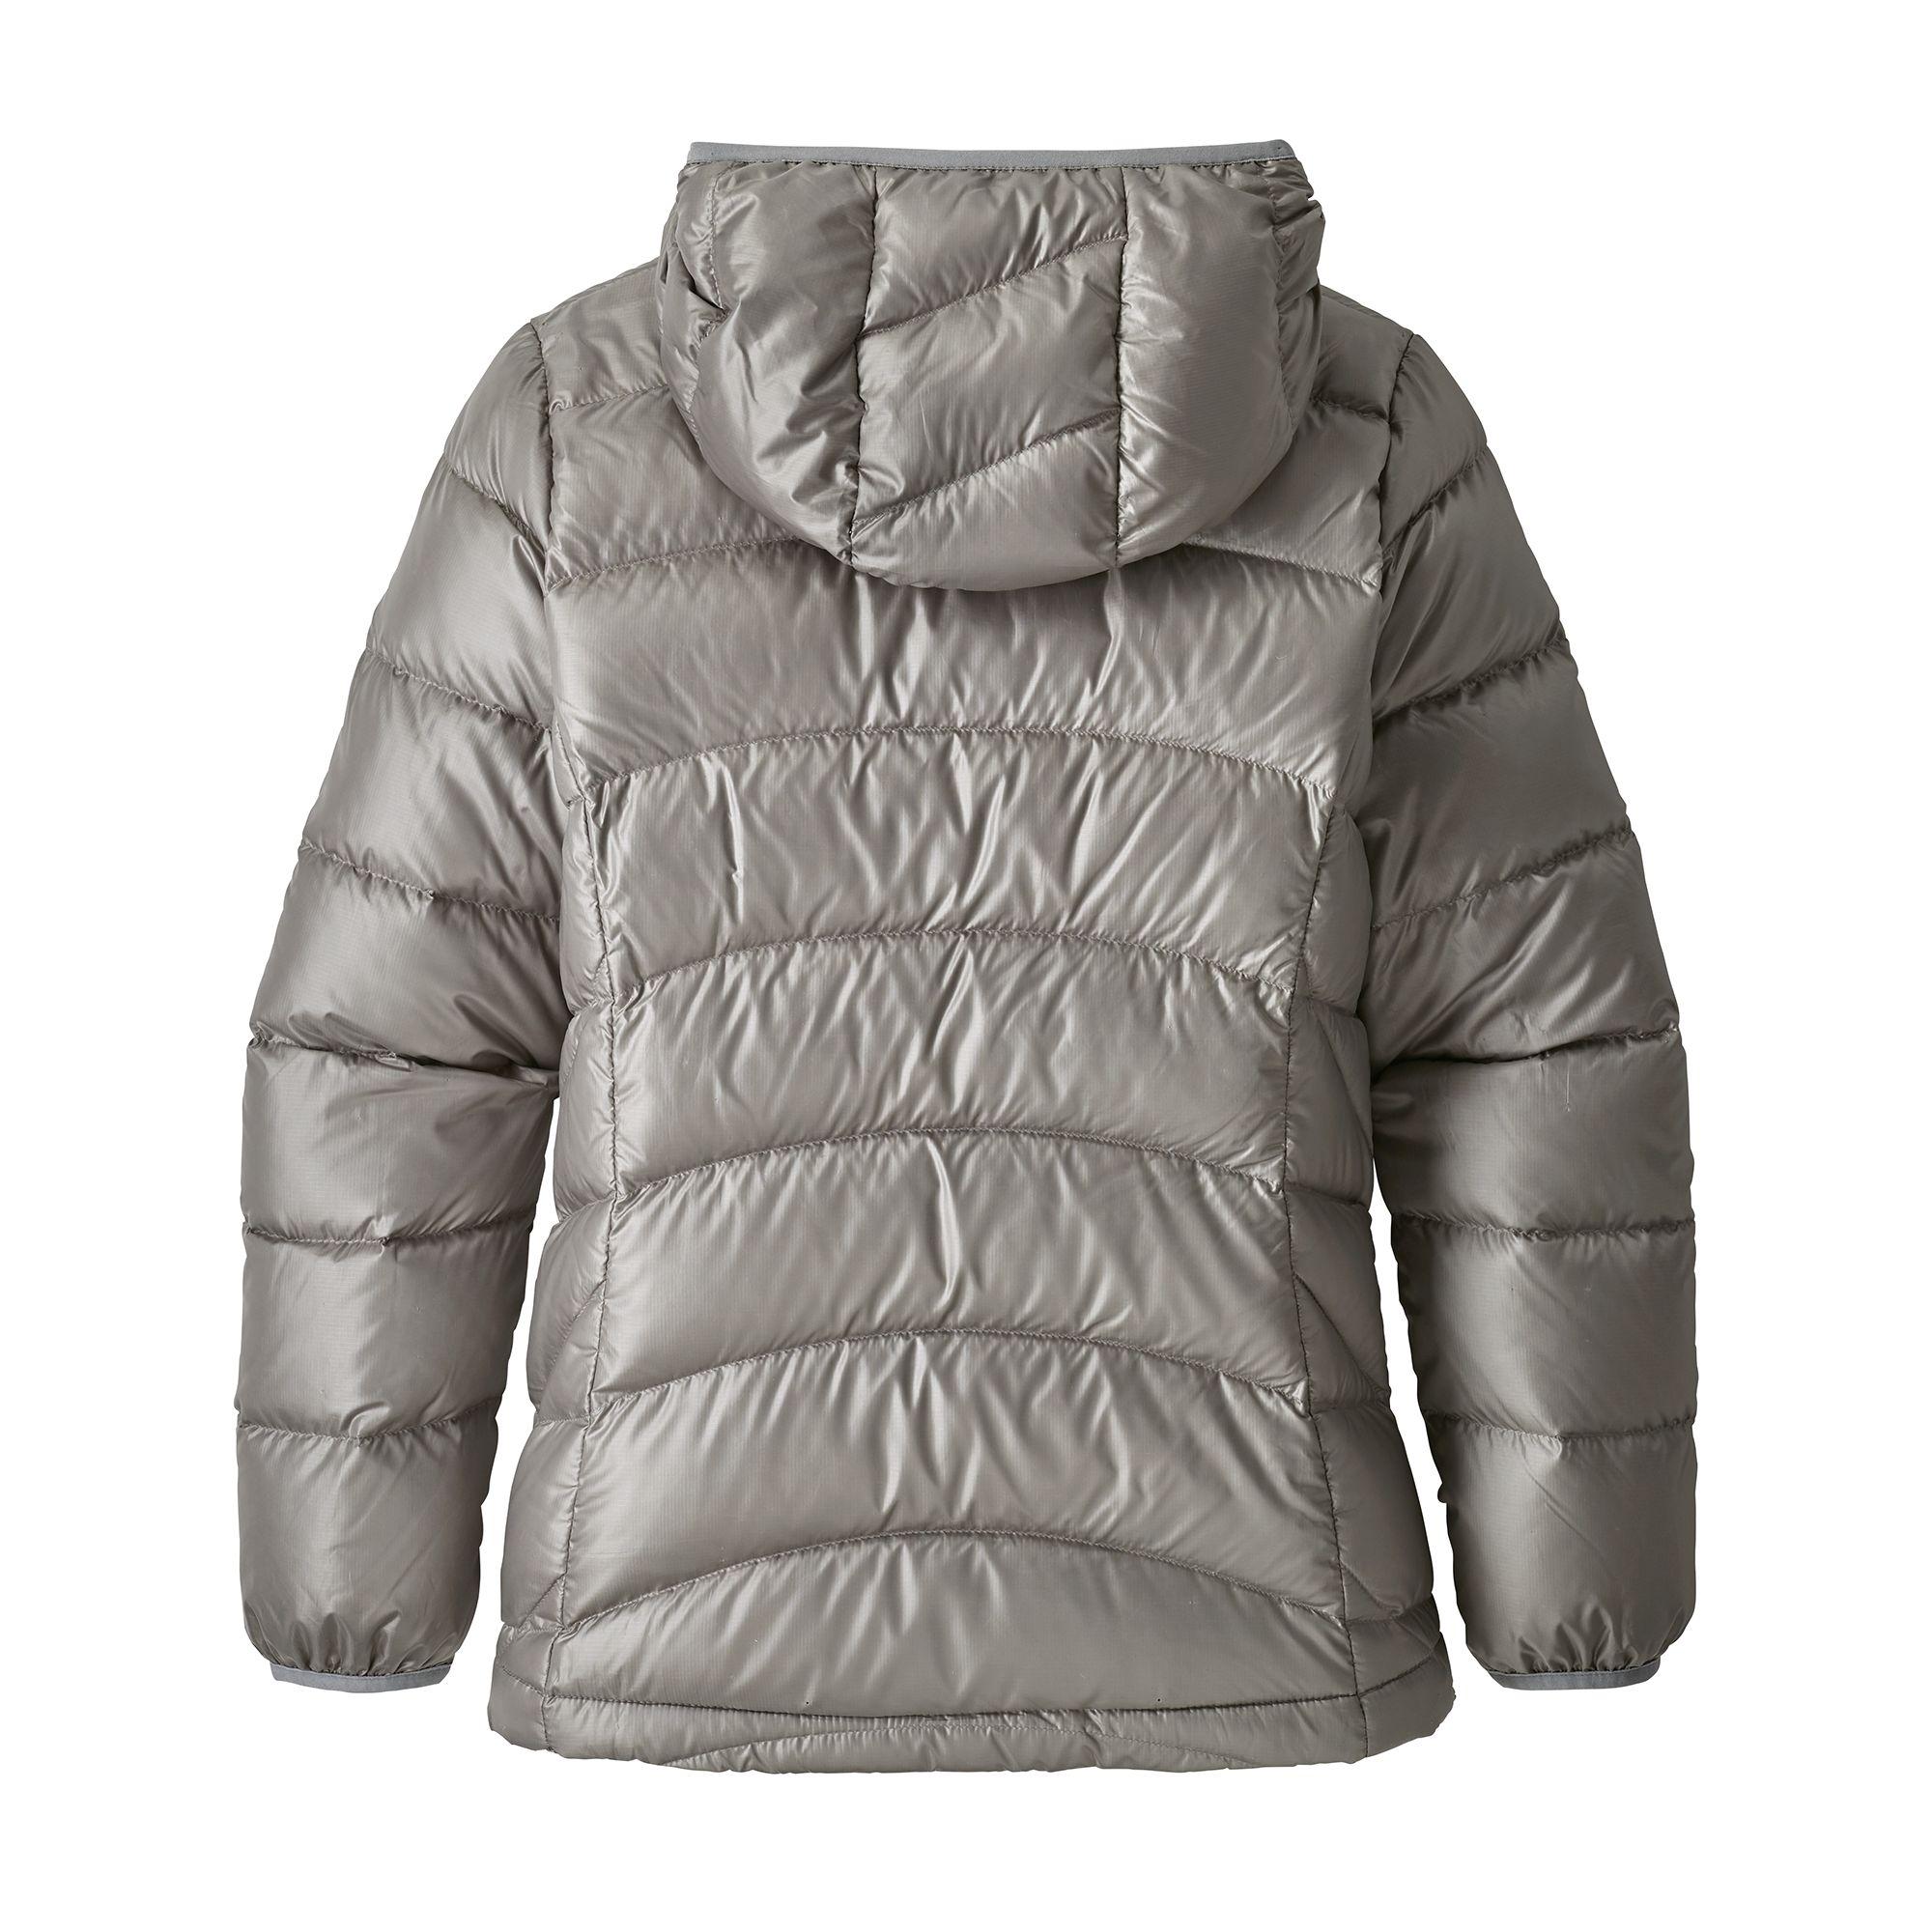 Patagonia Girls' Hi Loft Down Sweater Hoody, dunjakke til